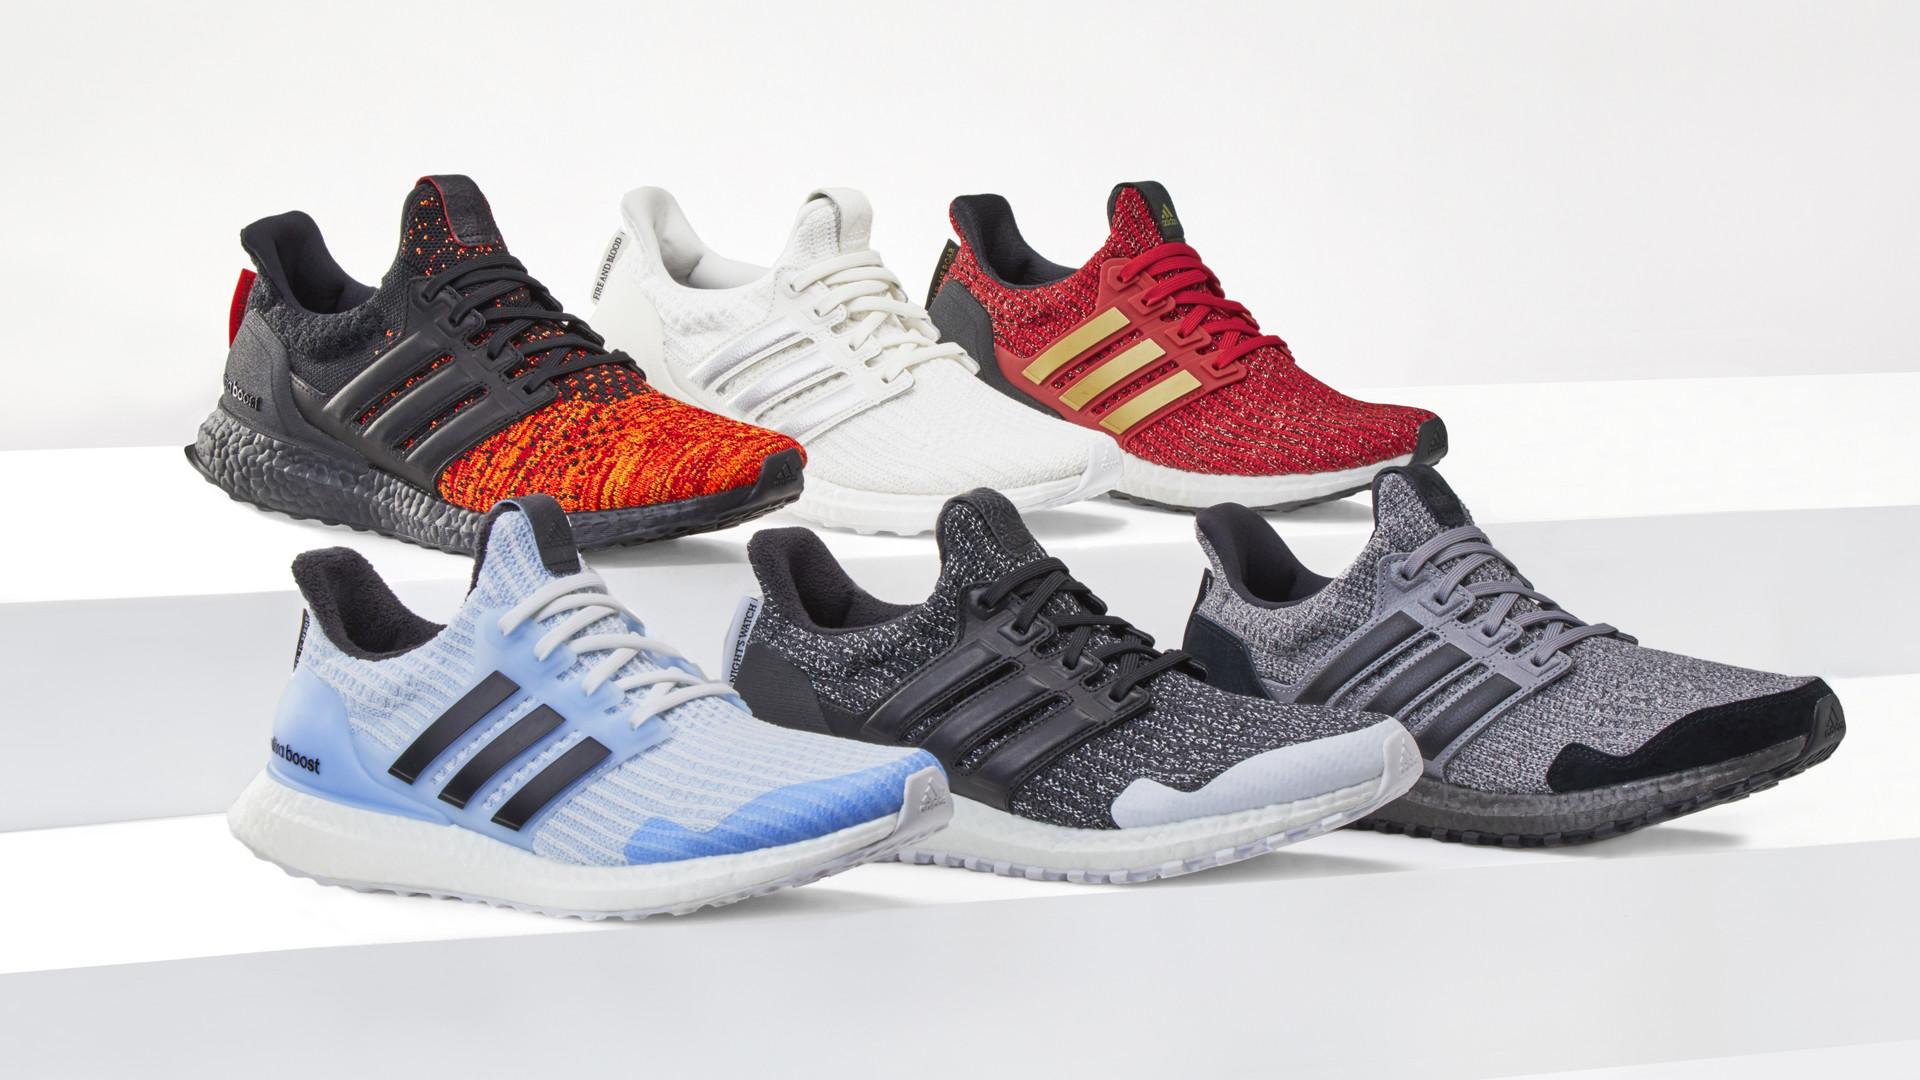 Adidas Und Game Of Thrones Release Von Neuen Ultraboosts Zur